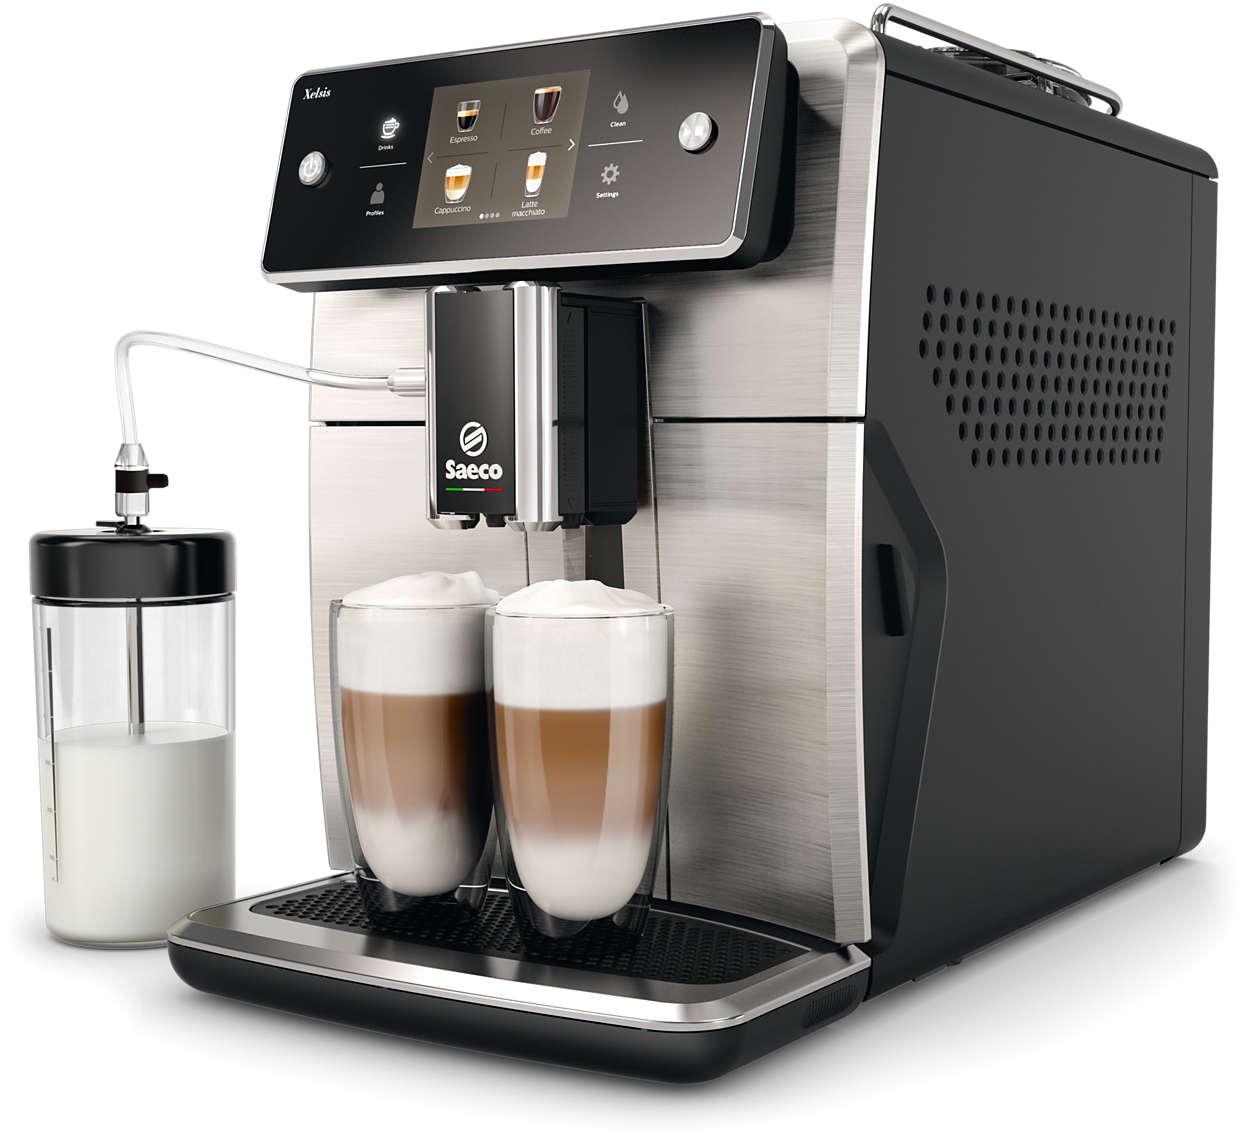 Un café exquis, facilement élaboré à votre goût